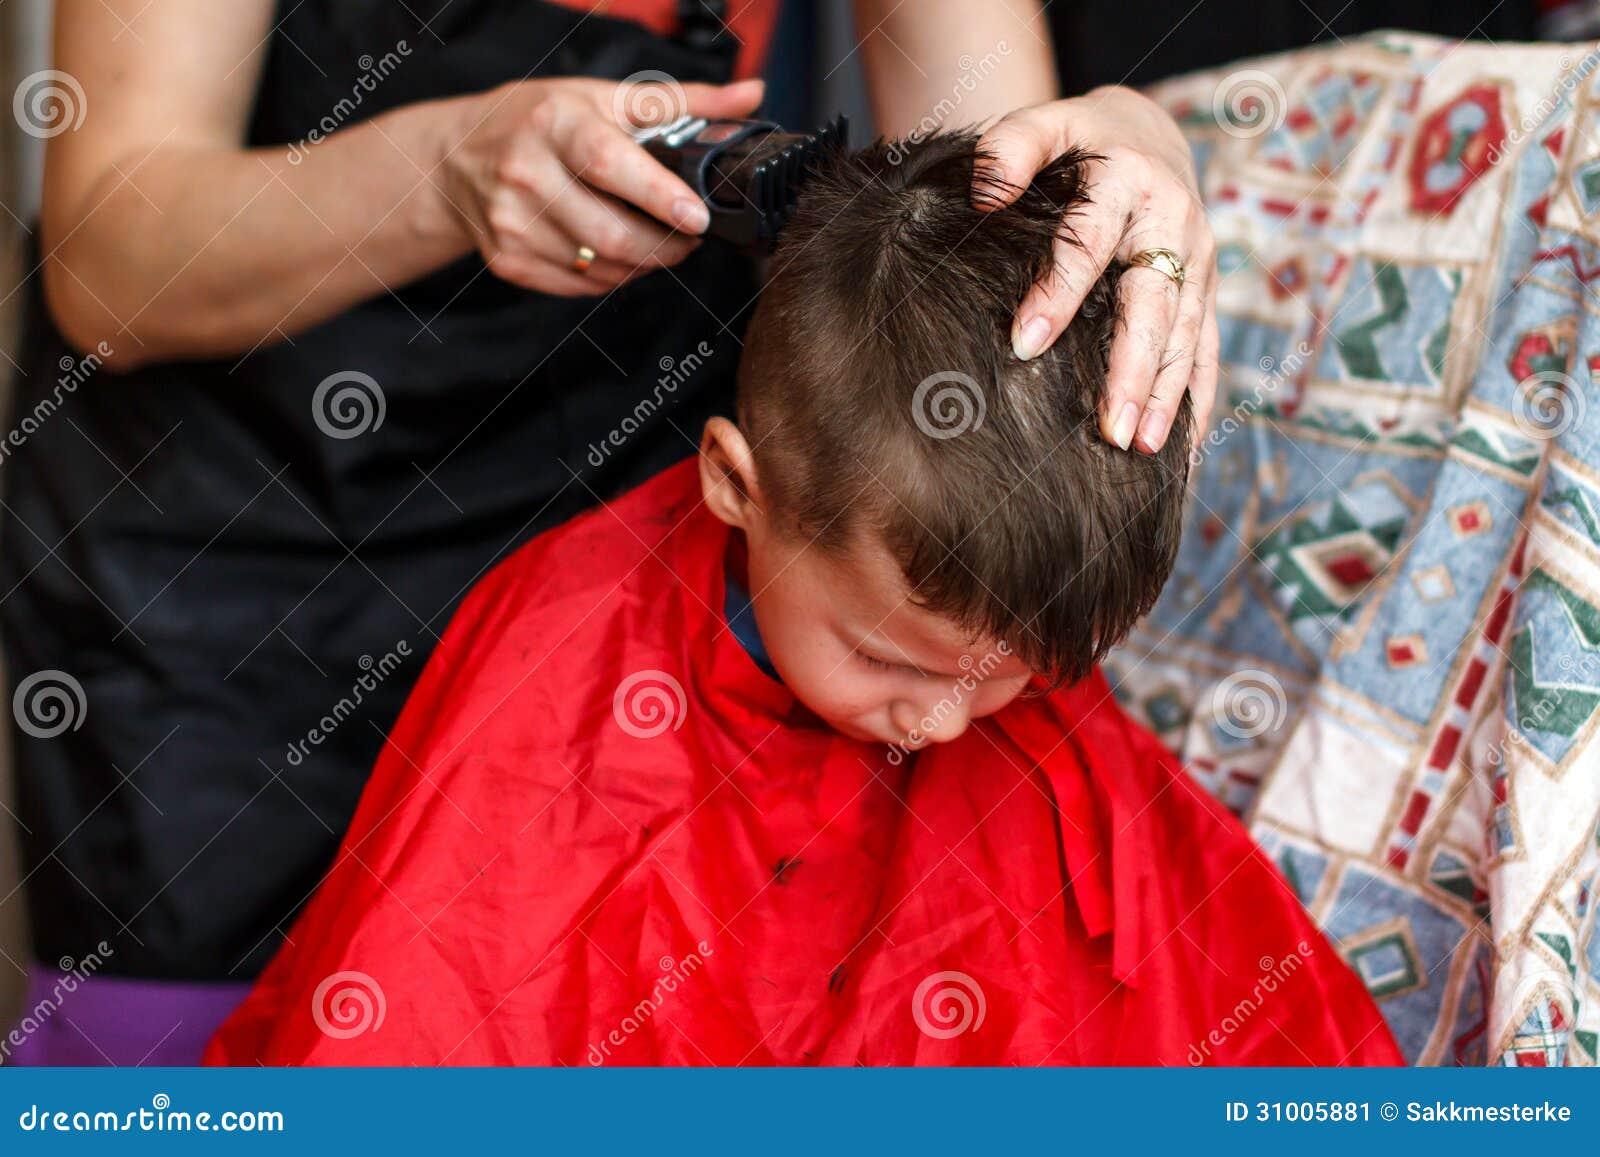 Haarschnitt für 3 jahre alte jungen zu hause mit maschine